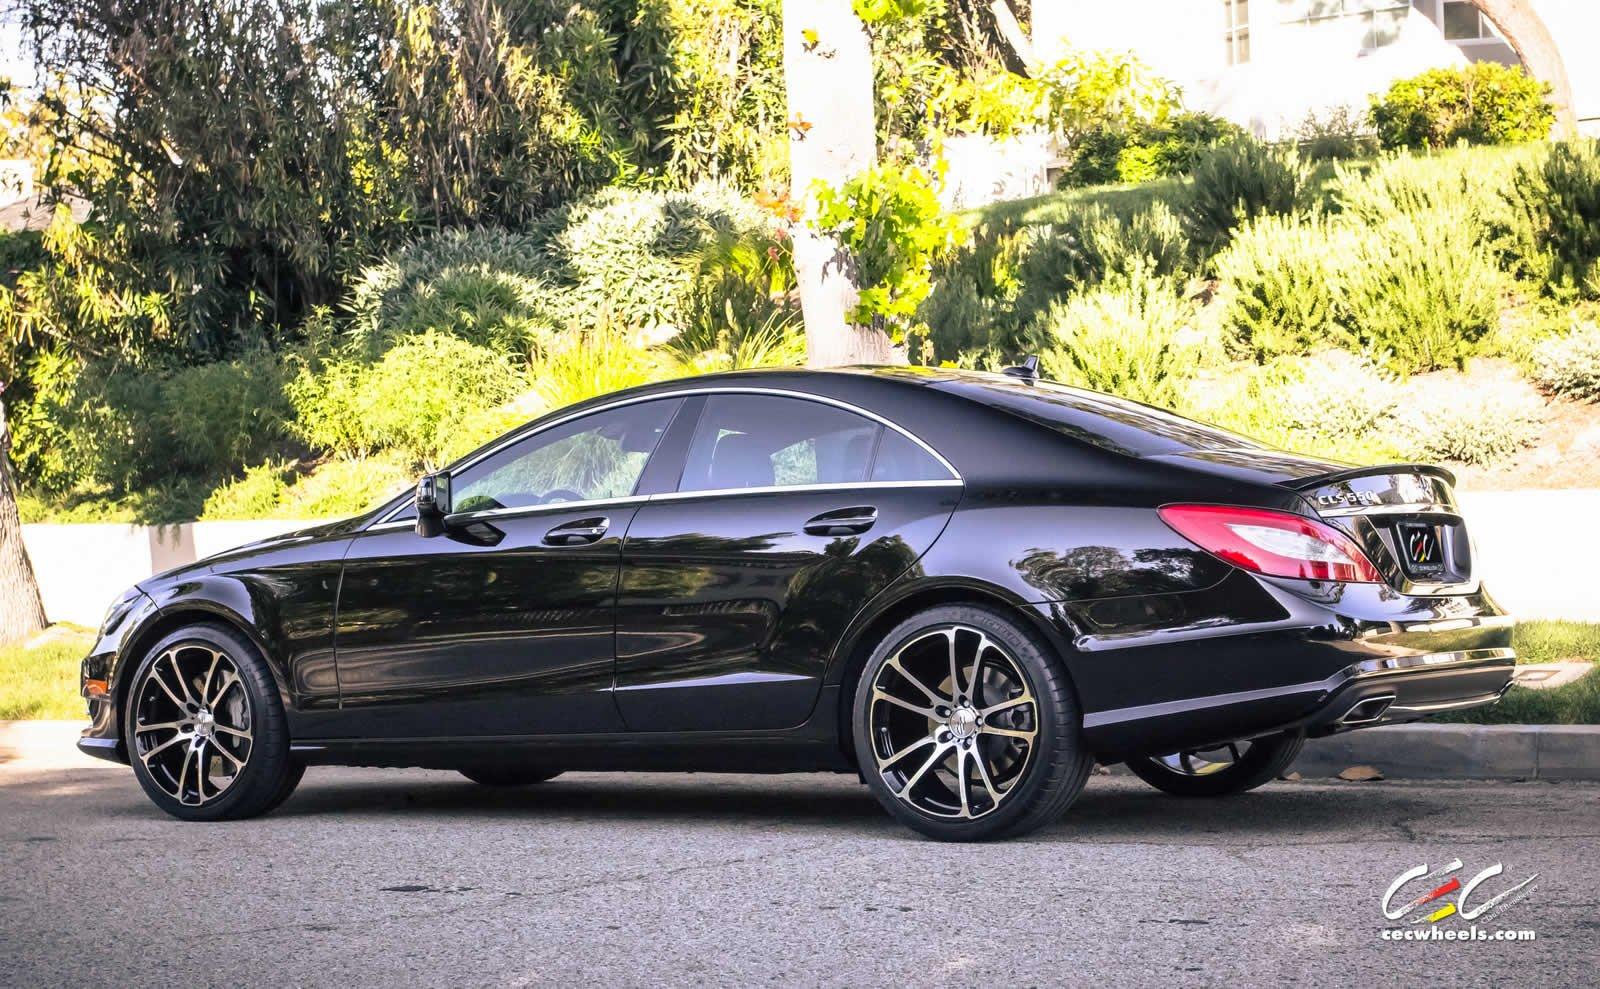 2015 cec wheels tuning cars mercedes benz cls550 wallpaper for 2015 mercedes benz cls550